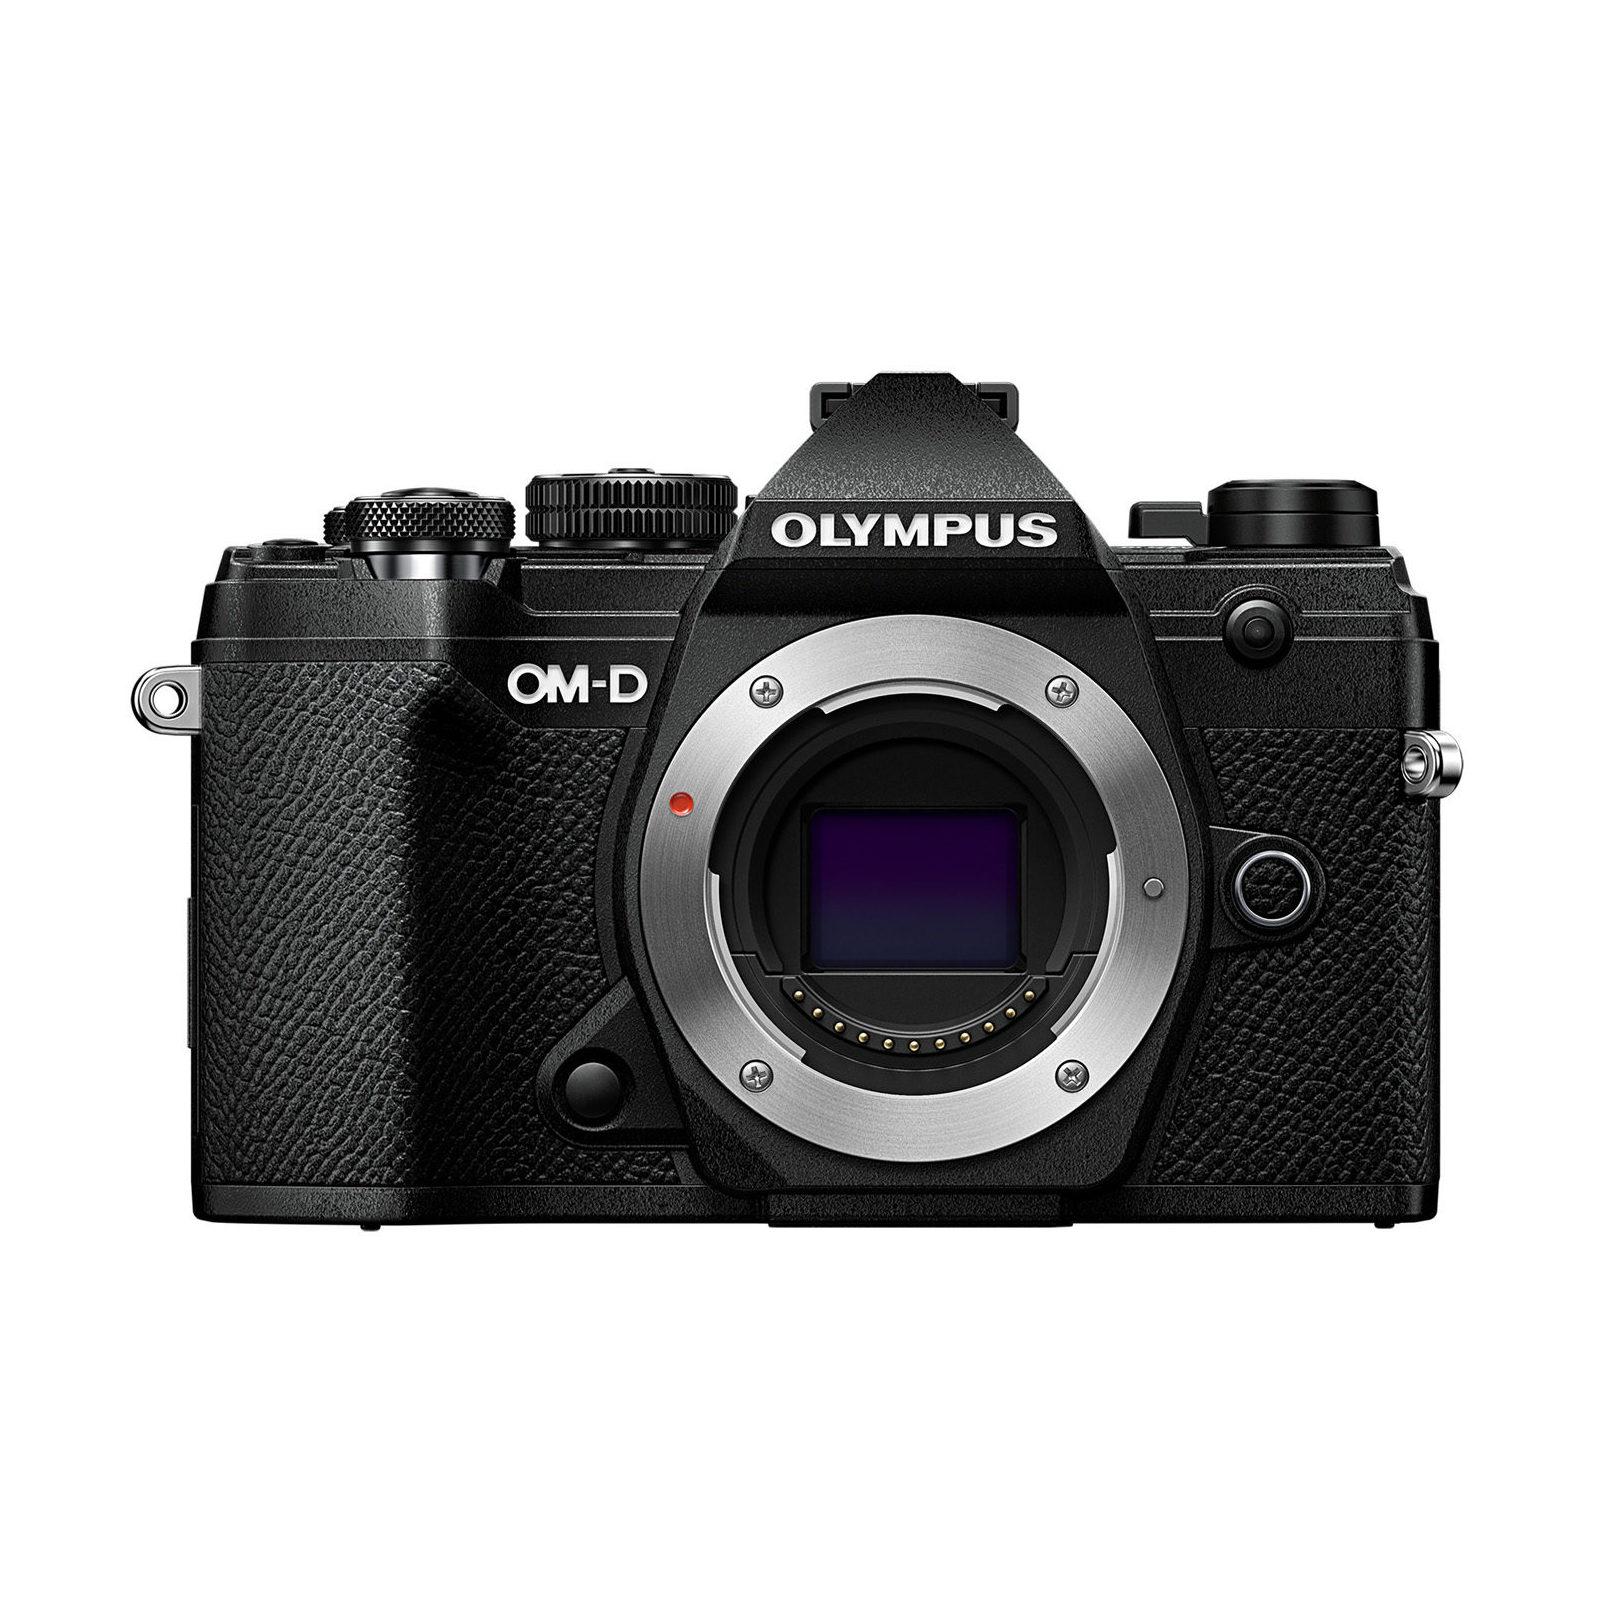 Olympus OM-D E-M5 Mark III systeemcamera Body Zwart <br/>€ 1199.00 <br/> <a href='https://www.cameranu.nl/fotografie/?tt=12190_474631_241358_&r=https%3A%2F%2Fwww.cameranu.nl%2Fnl%2Fp3130152%2Folympus-om-d-e-m5-mark-iii-systeemcamera-body-zwart%3Fchannable%3De10841.MzEzMDE1Mg%26utm_campaign%3D%26utm_content%3DOM-D%2Bserie%26utm_source%3DTradetracker%26utm_medium%3Dcpc%26utm_term%3DDigitale%2Bcamera%26apos%3Bs' target='_blank'>naar de winkel</a>